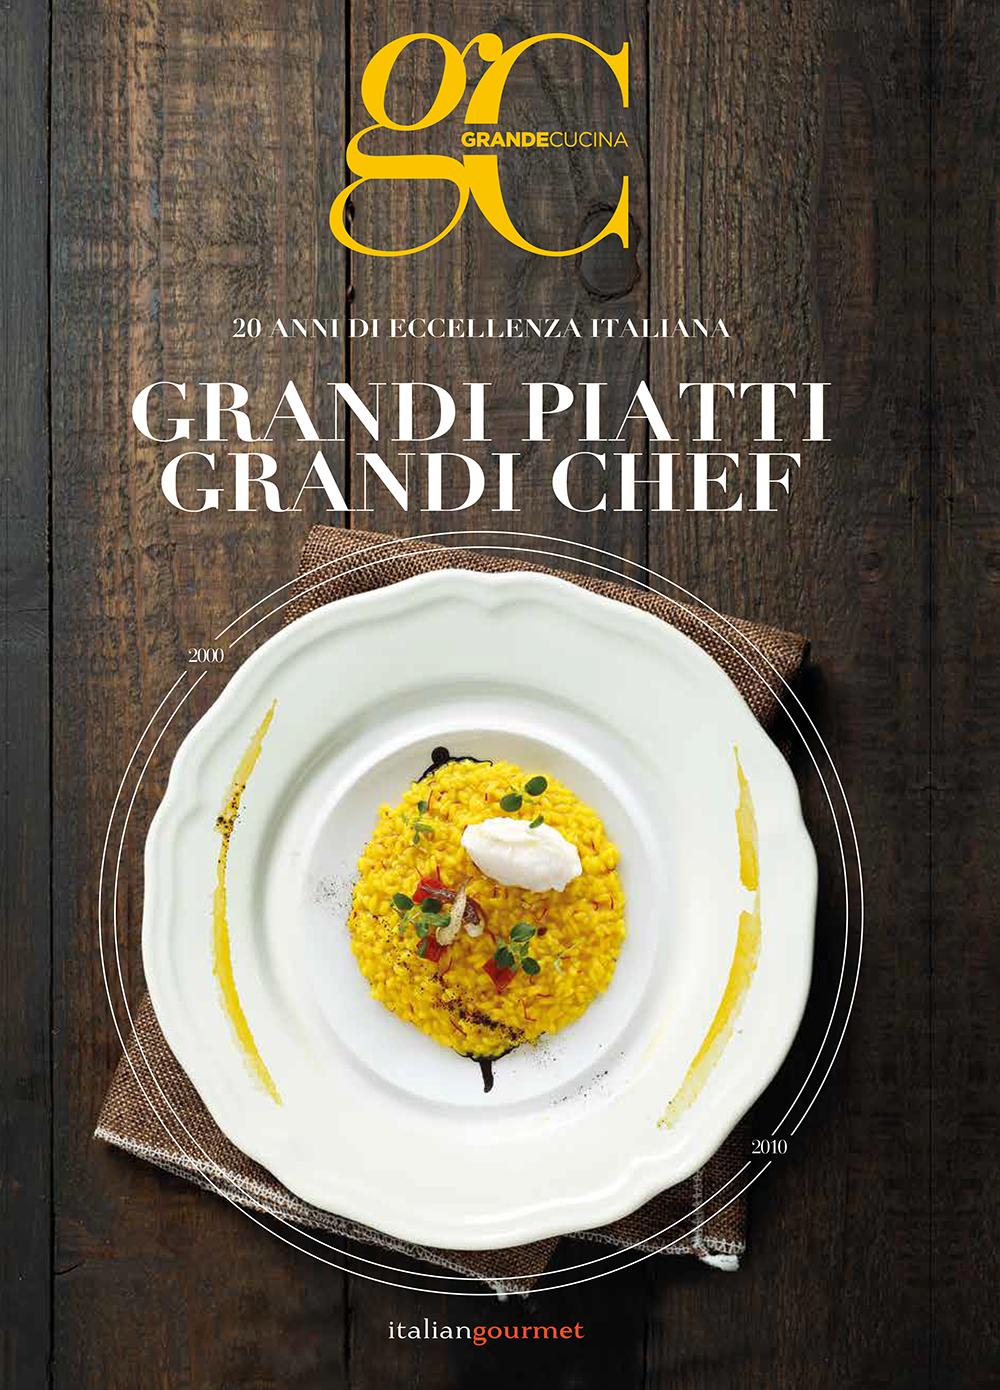 Grande Cucina - Speciale 20 anni